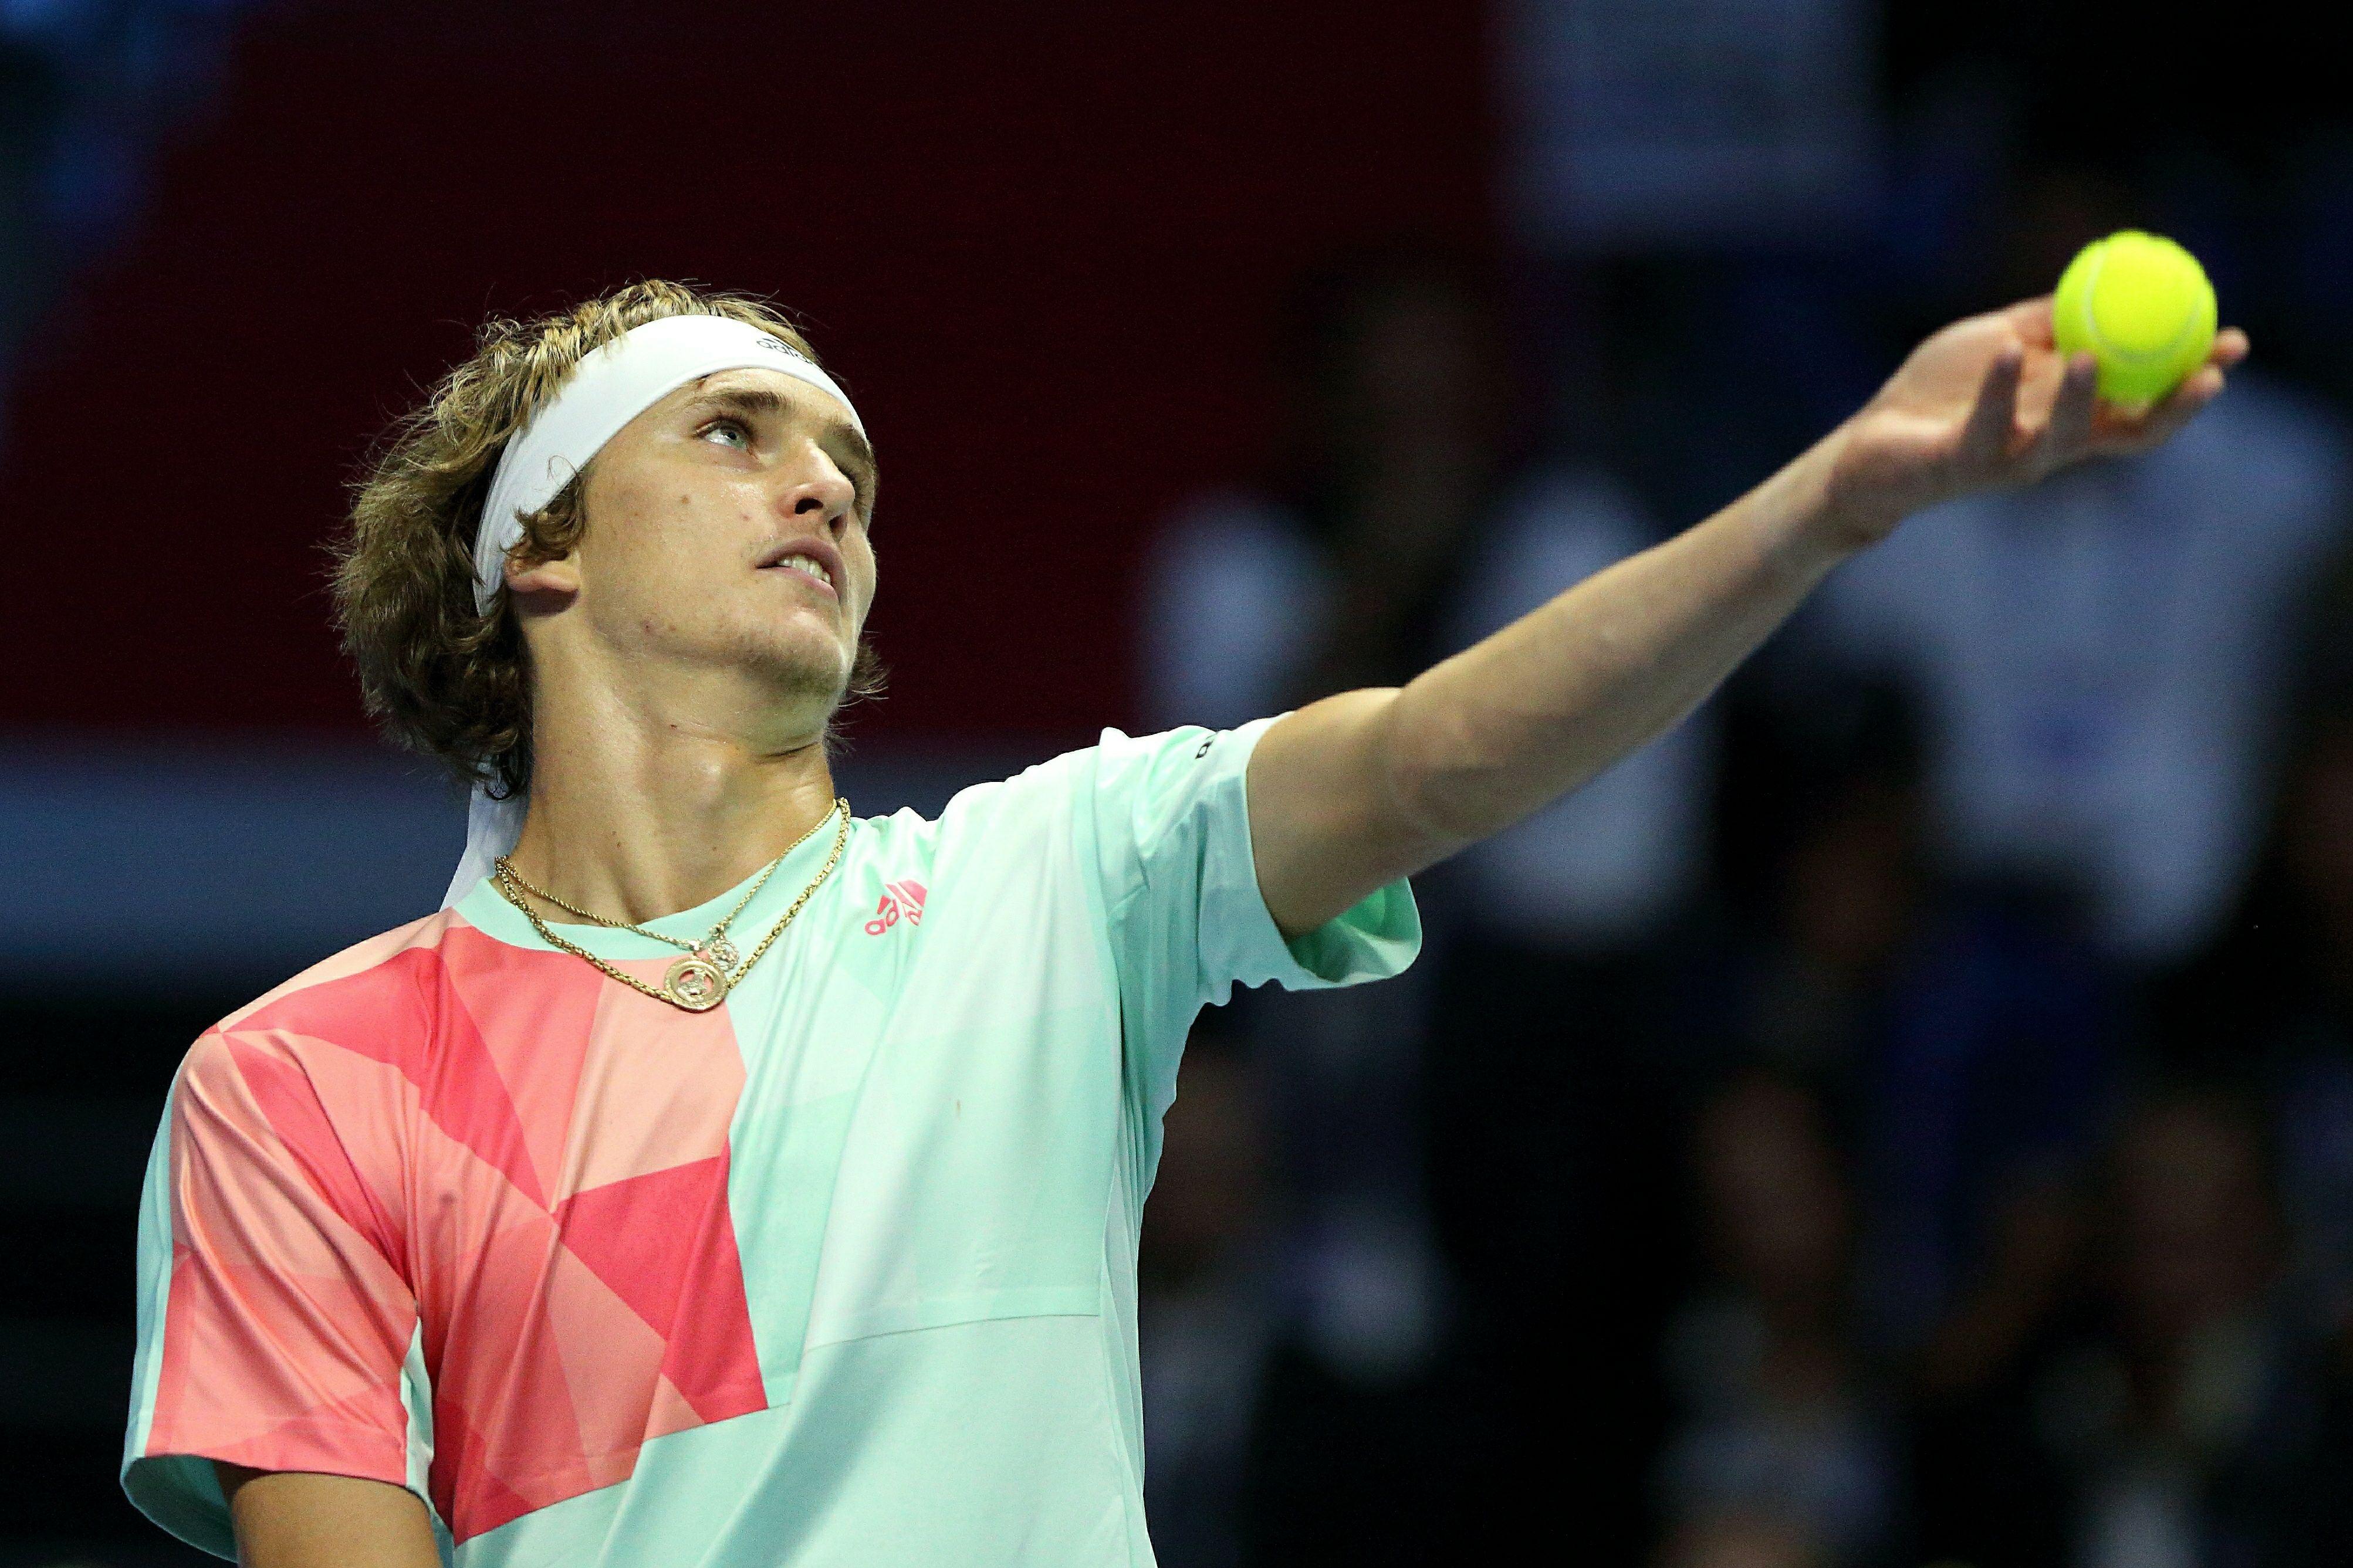 23-летний теннисист Зверев впервые стал отцом